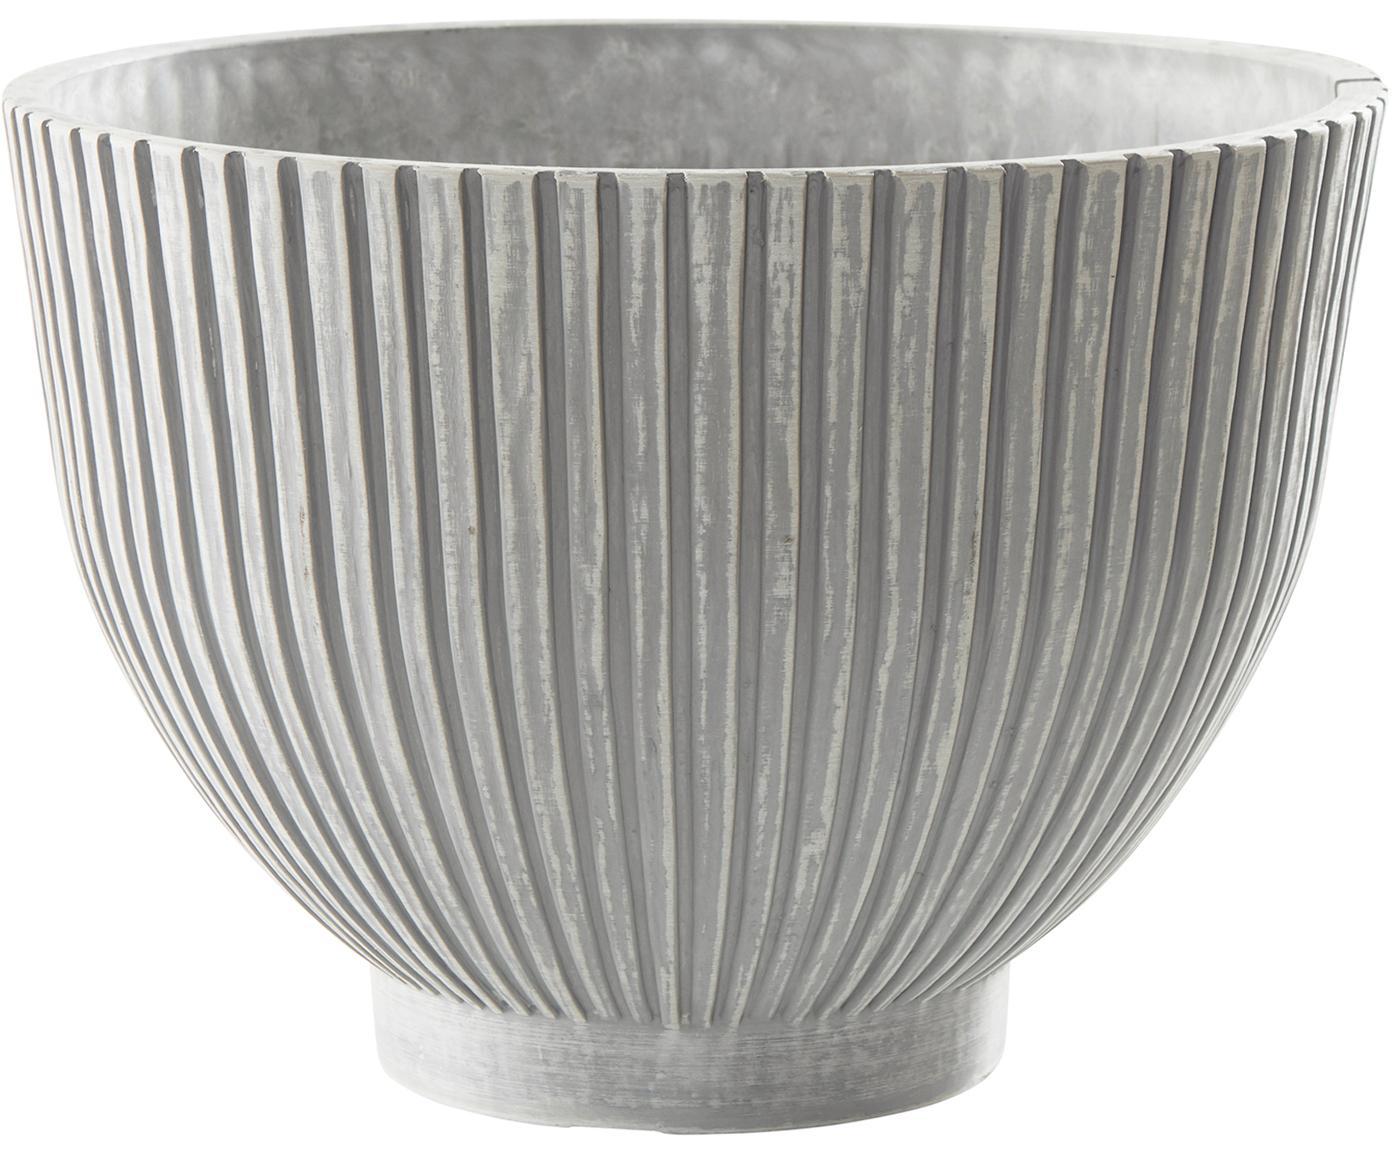 Übertopf Eileen in Beton-Optik, Kunststoff, Grau, Ø 35 x H 25 cm